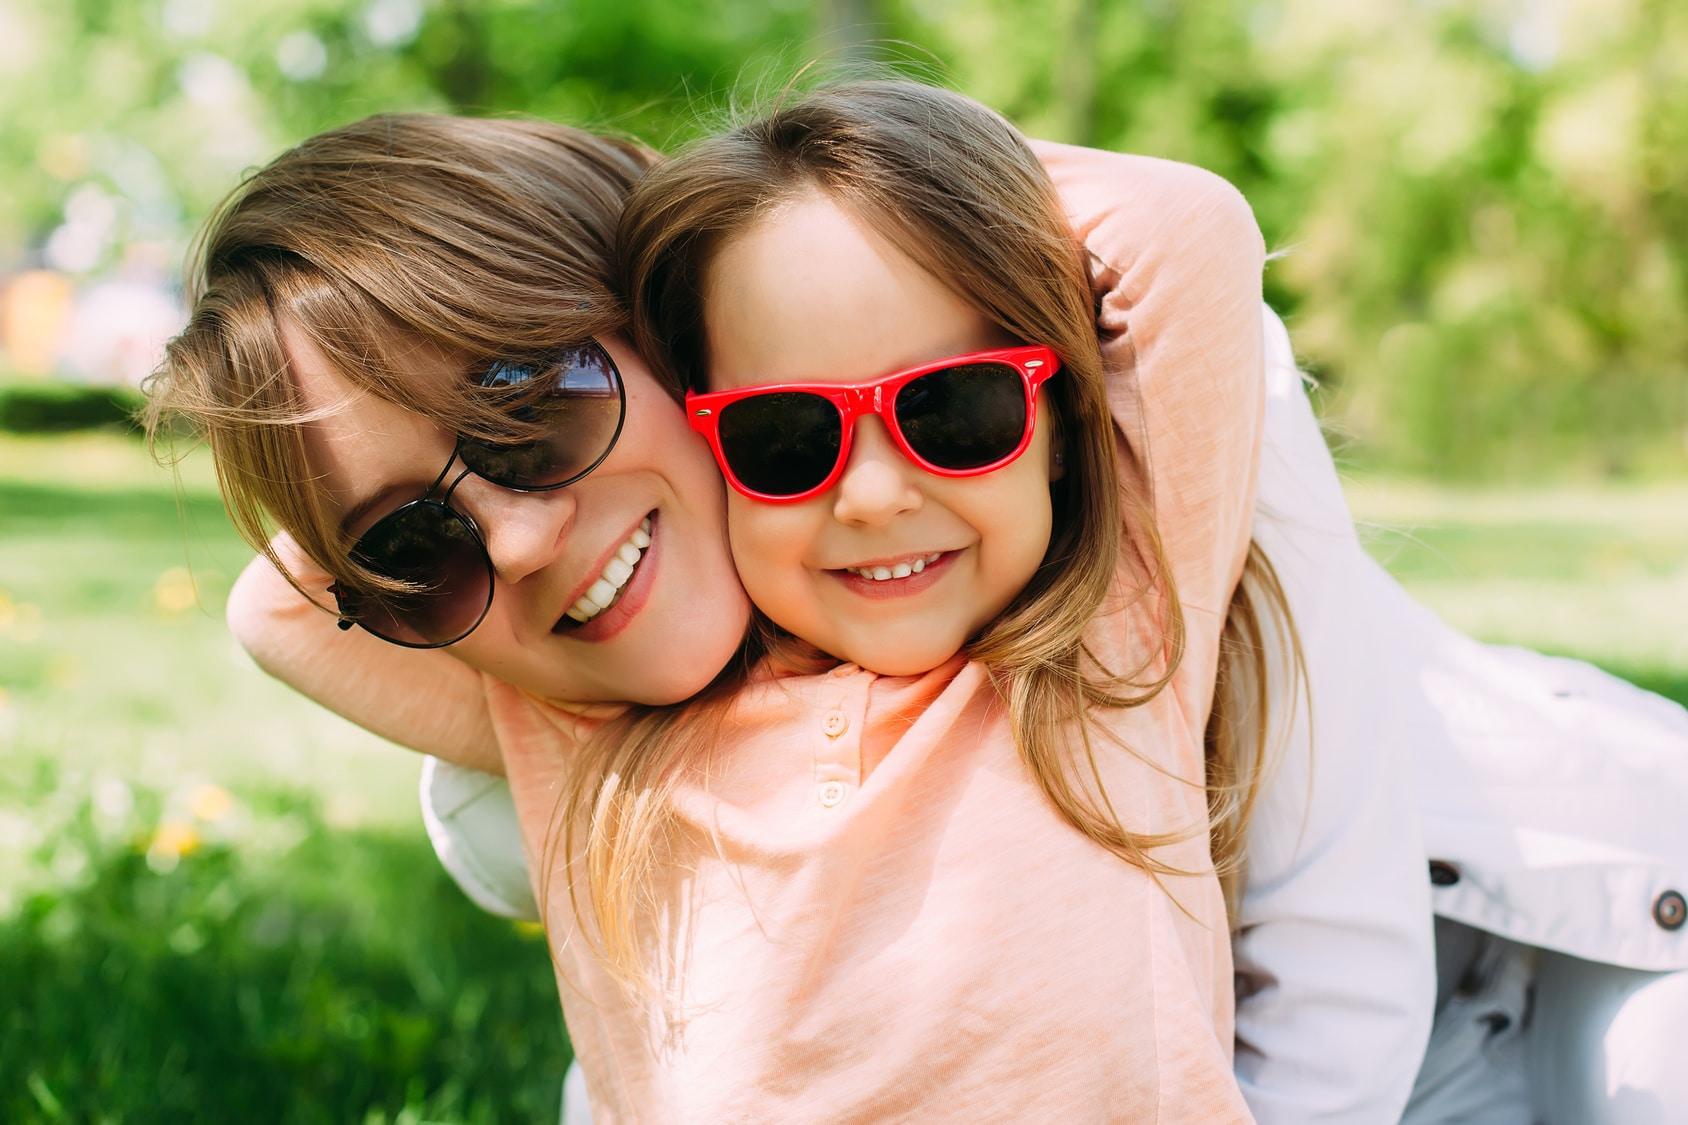 Eine Mutter mit ihrer Tochter strahlen lässig in die Kamera. Beide haben das Programm der unibee Institute zum Selbstbewusstsein stärken genutzt um eine gute Lebensbalance zu bekommen. Mit ihrer Mimik strahlen beide ein gutes Lebensgefühl aus. Beide tragen eine Sonnenbrille und haben lange hellbraune Haare. Bekleidet ist die Frau mit einer weissen Jeansjacke und das Mädchen trägt einen hellrosa Pullover. Im Hintergrund ist ein Naturpark mit vielen blühenden Pflanzen zu sehen.